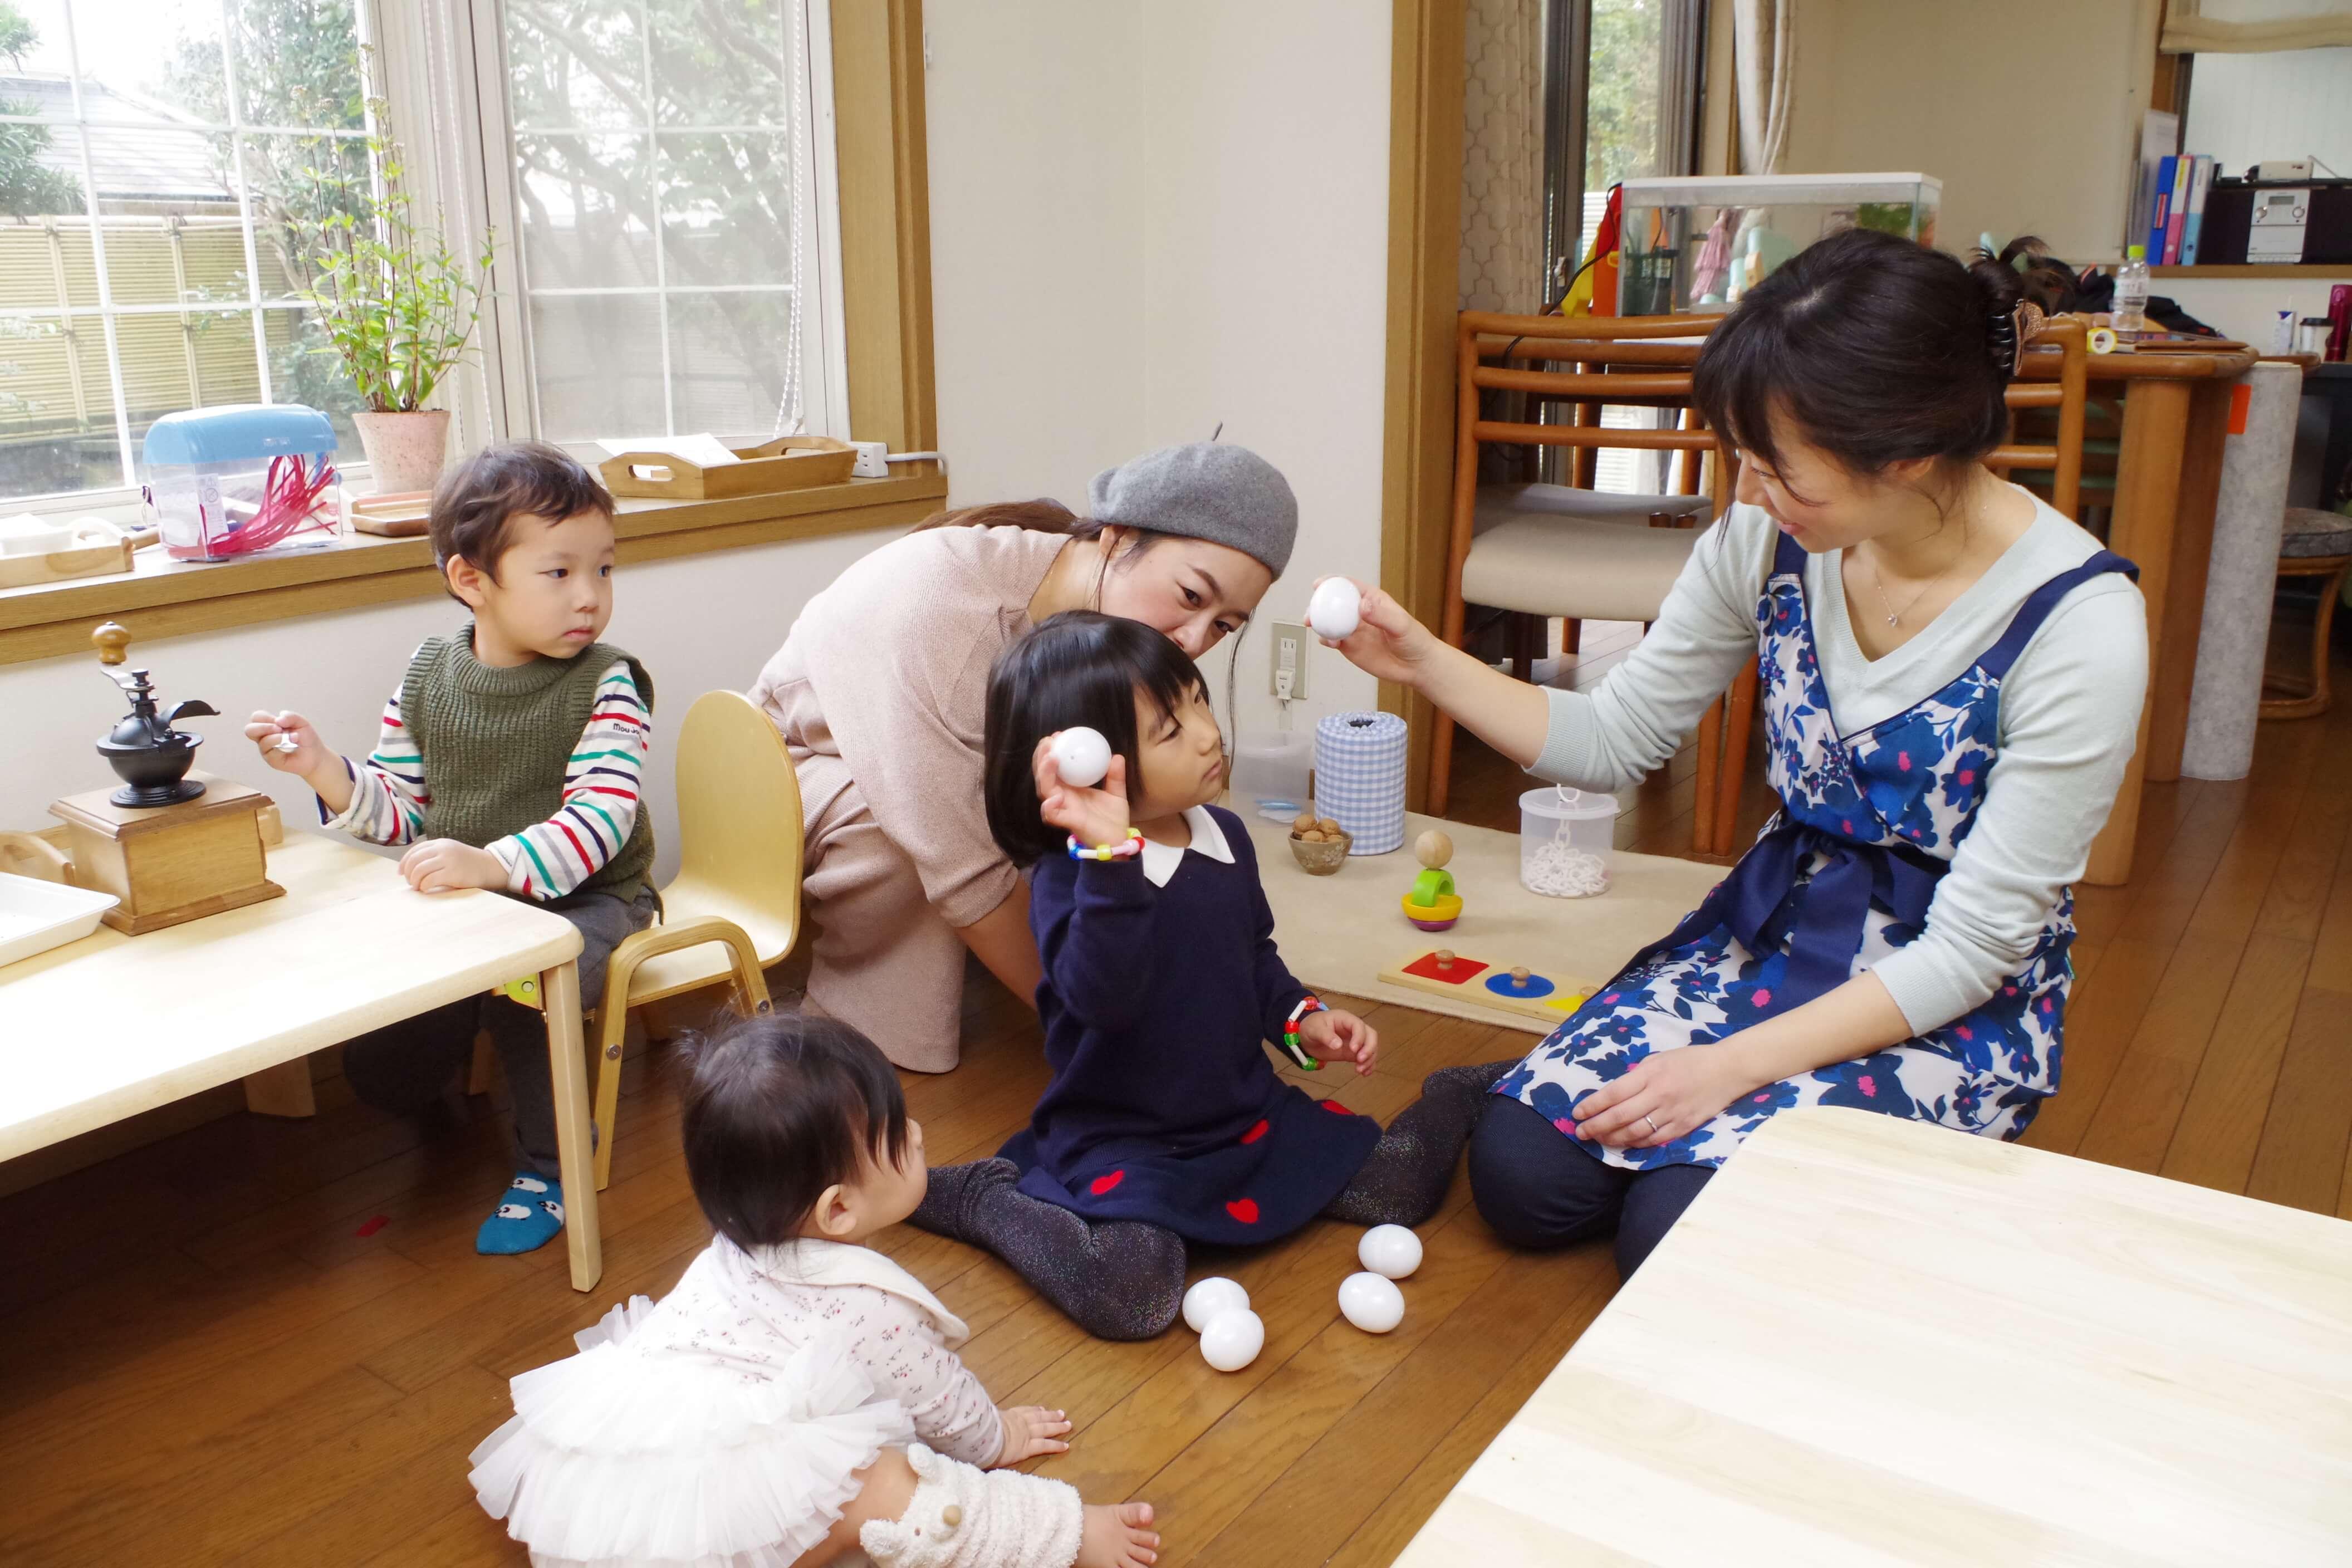 STUDYPARKモンテッソーリ式幼児教室が始まります!